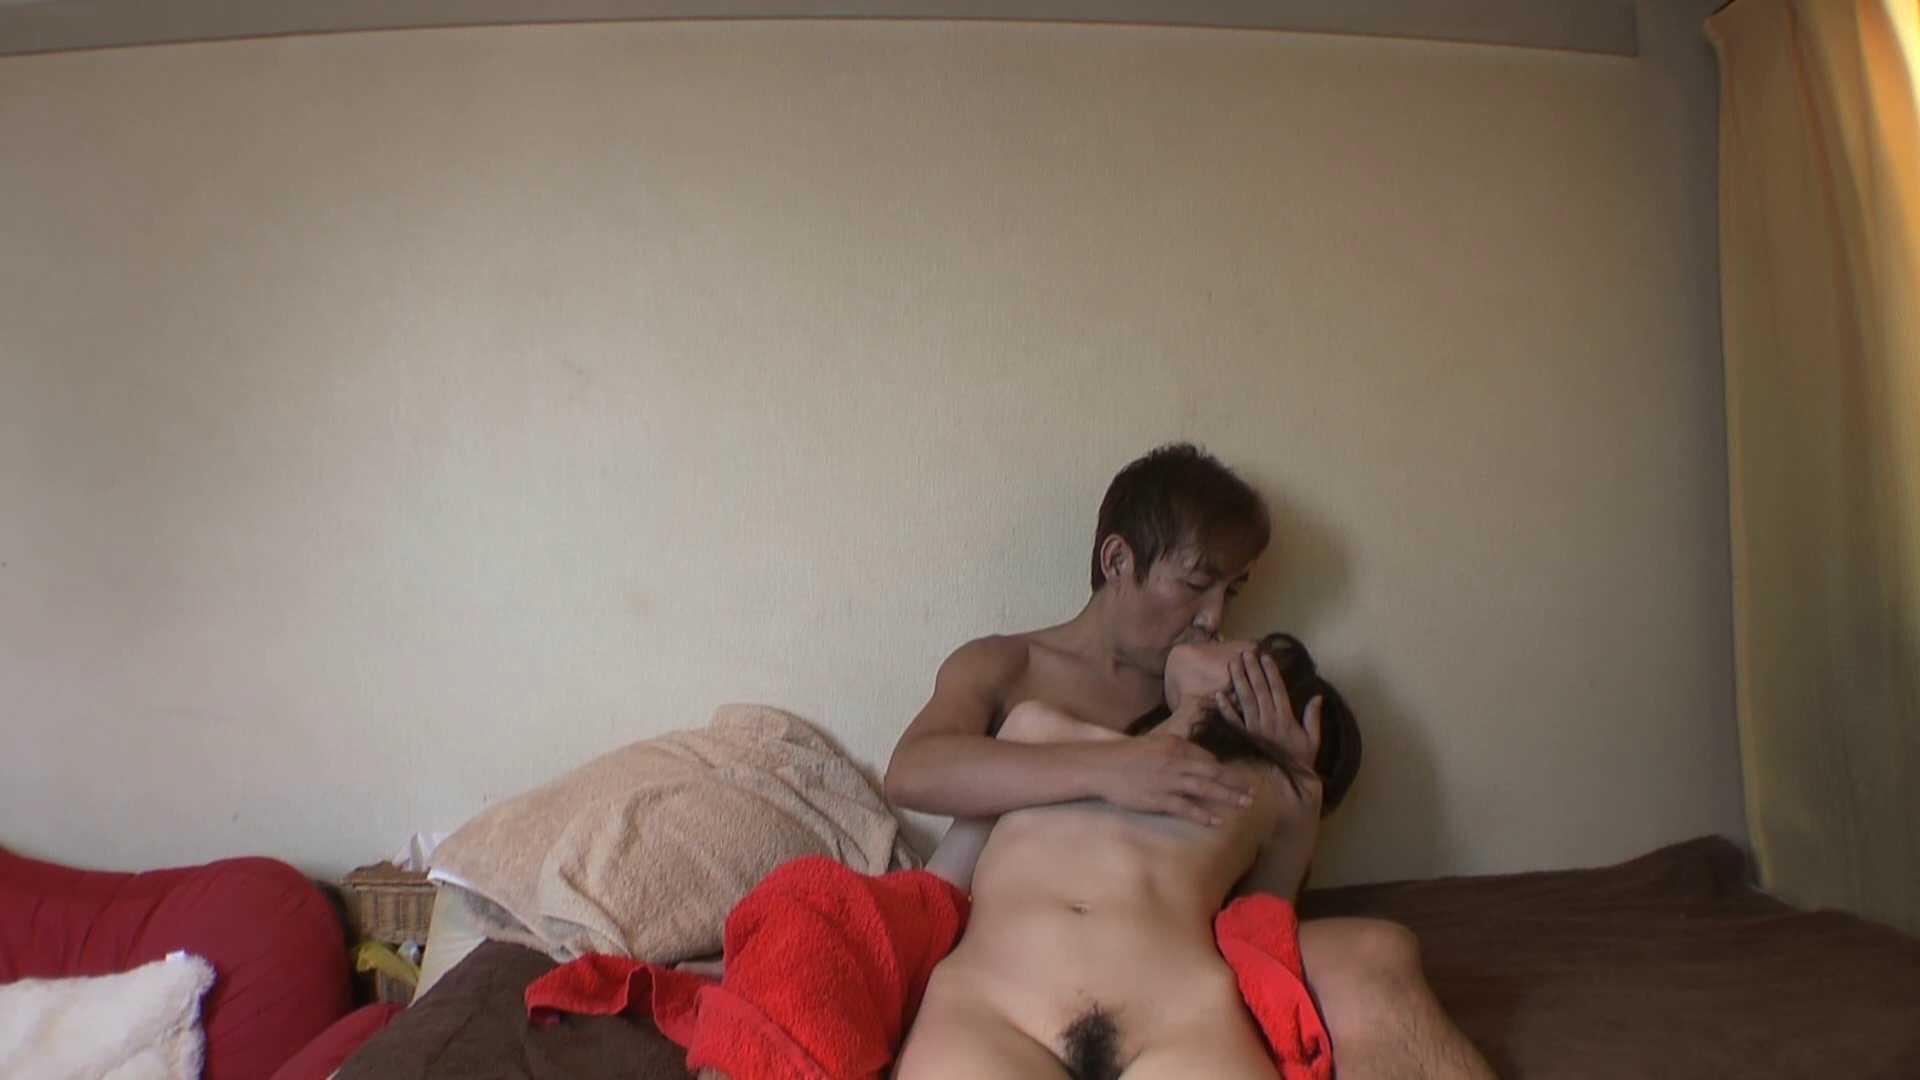 隠撮店の女の子をつまみ喰い~yukivol.4 隠撮 | OL裸体  107画像 89